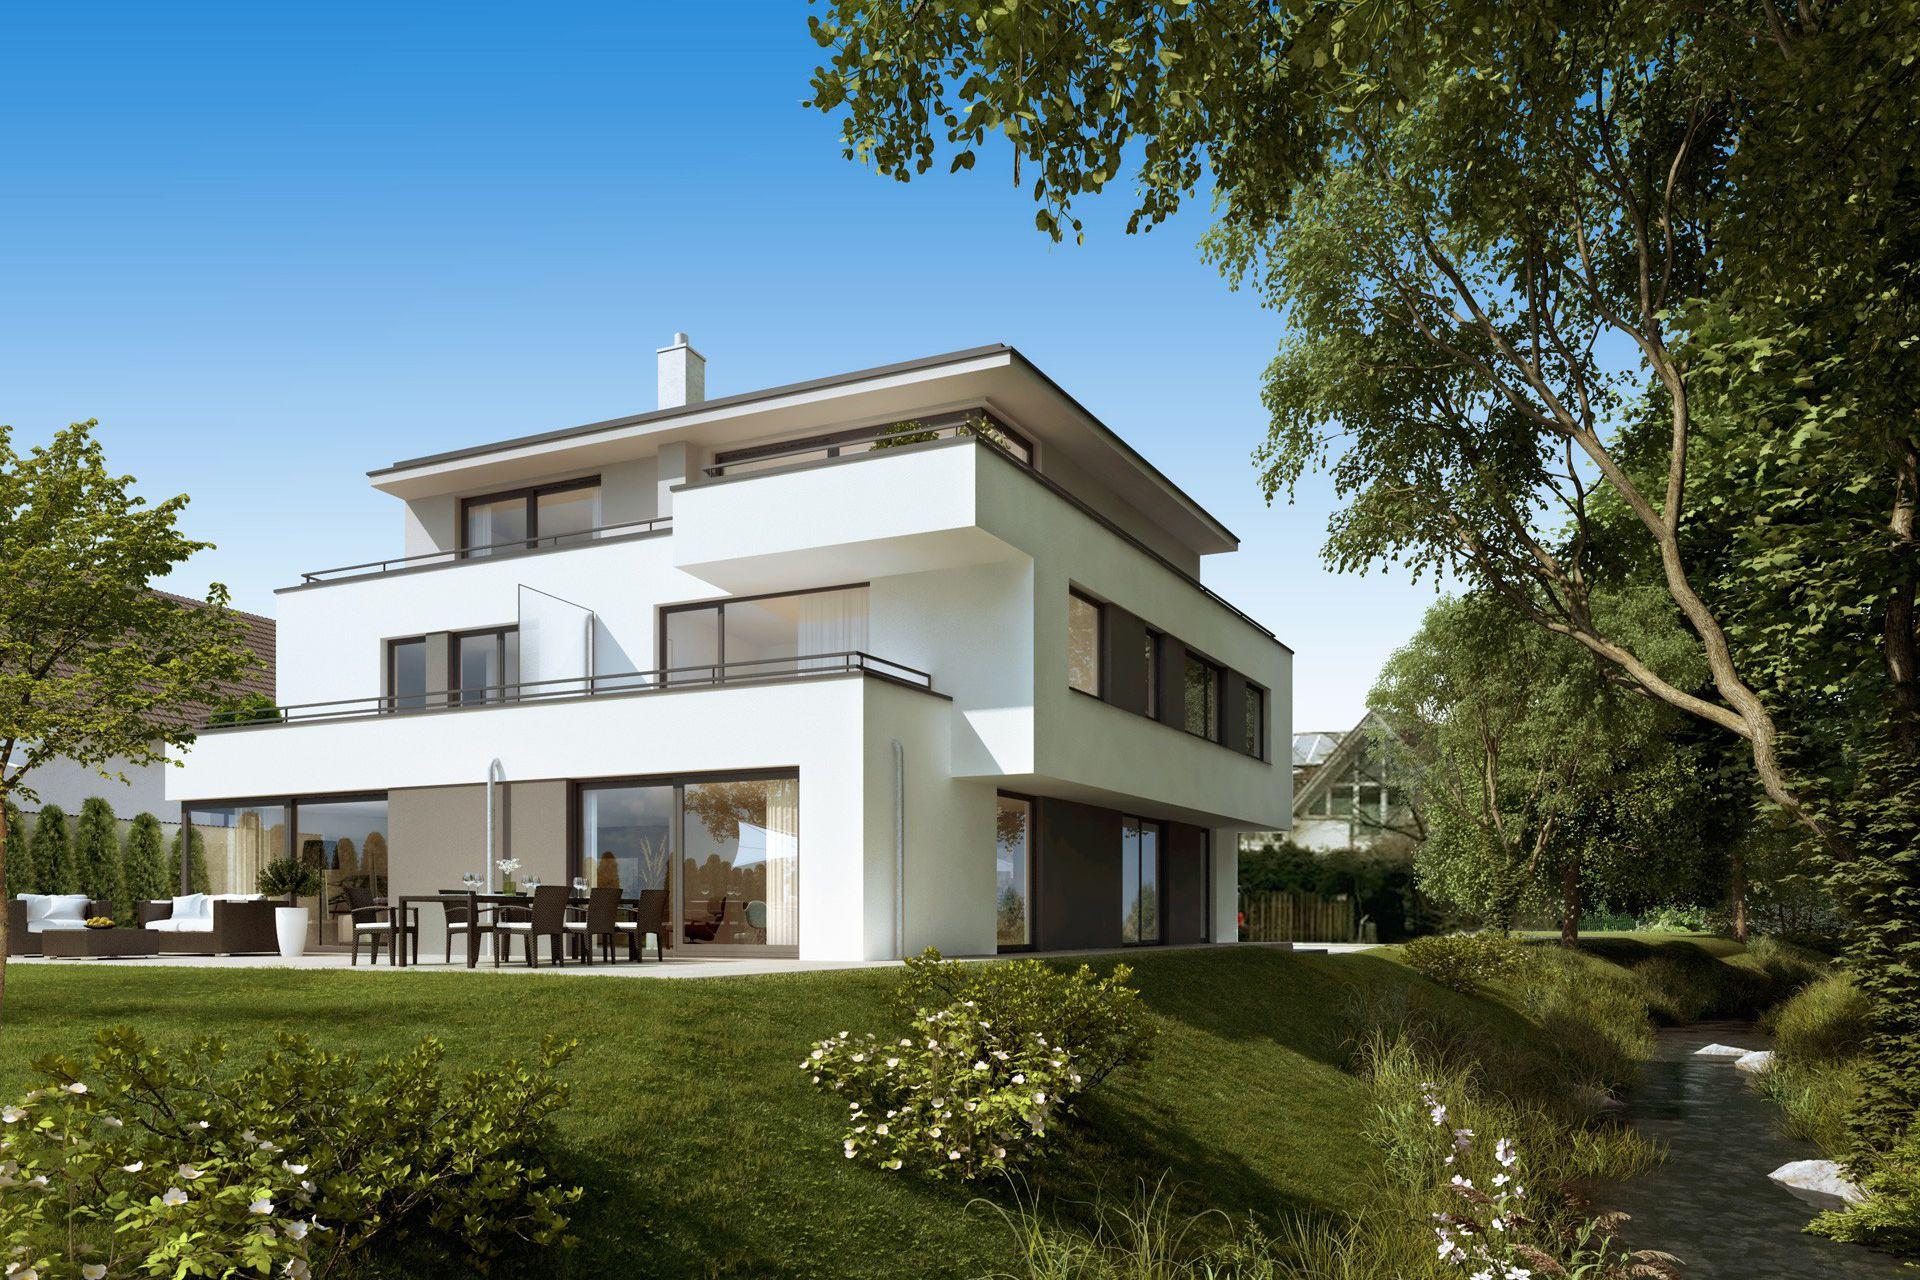 Visualisierung München wohnhaus in daglfing münchen konzept3d 3d visualisierung